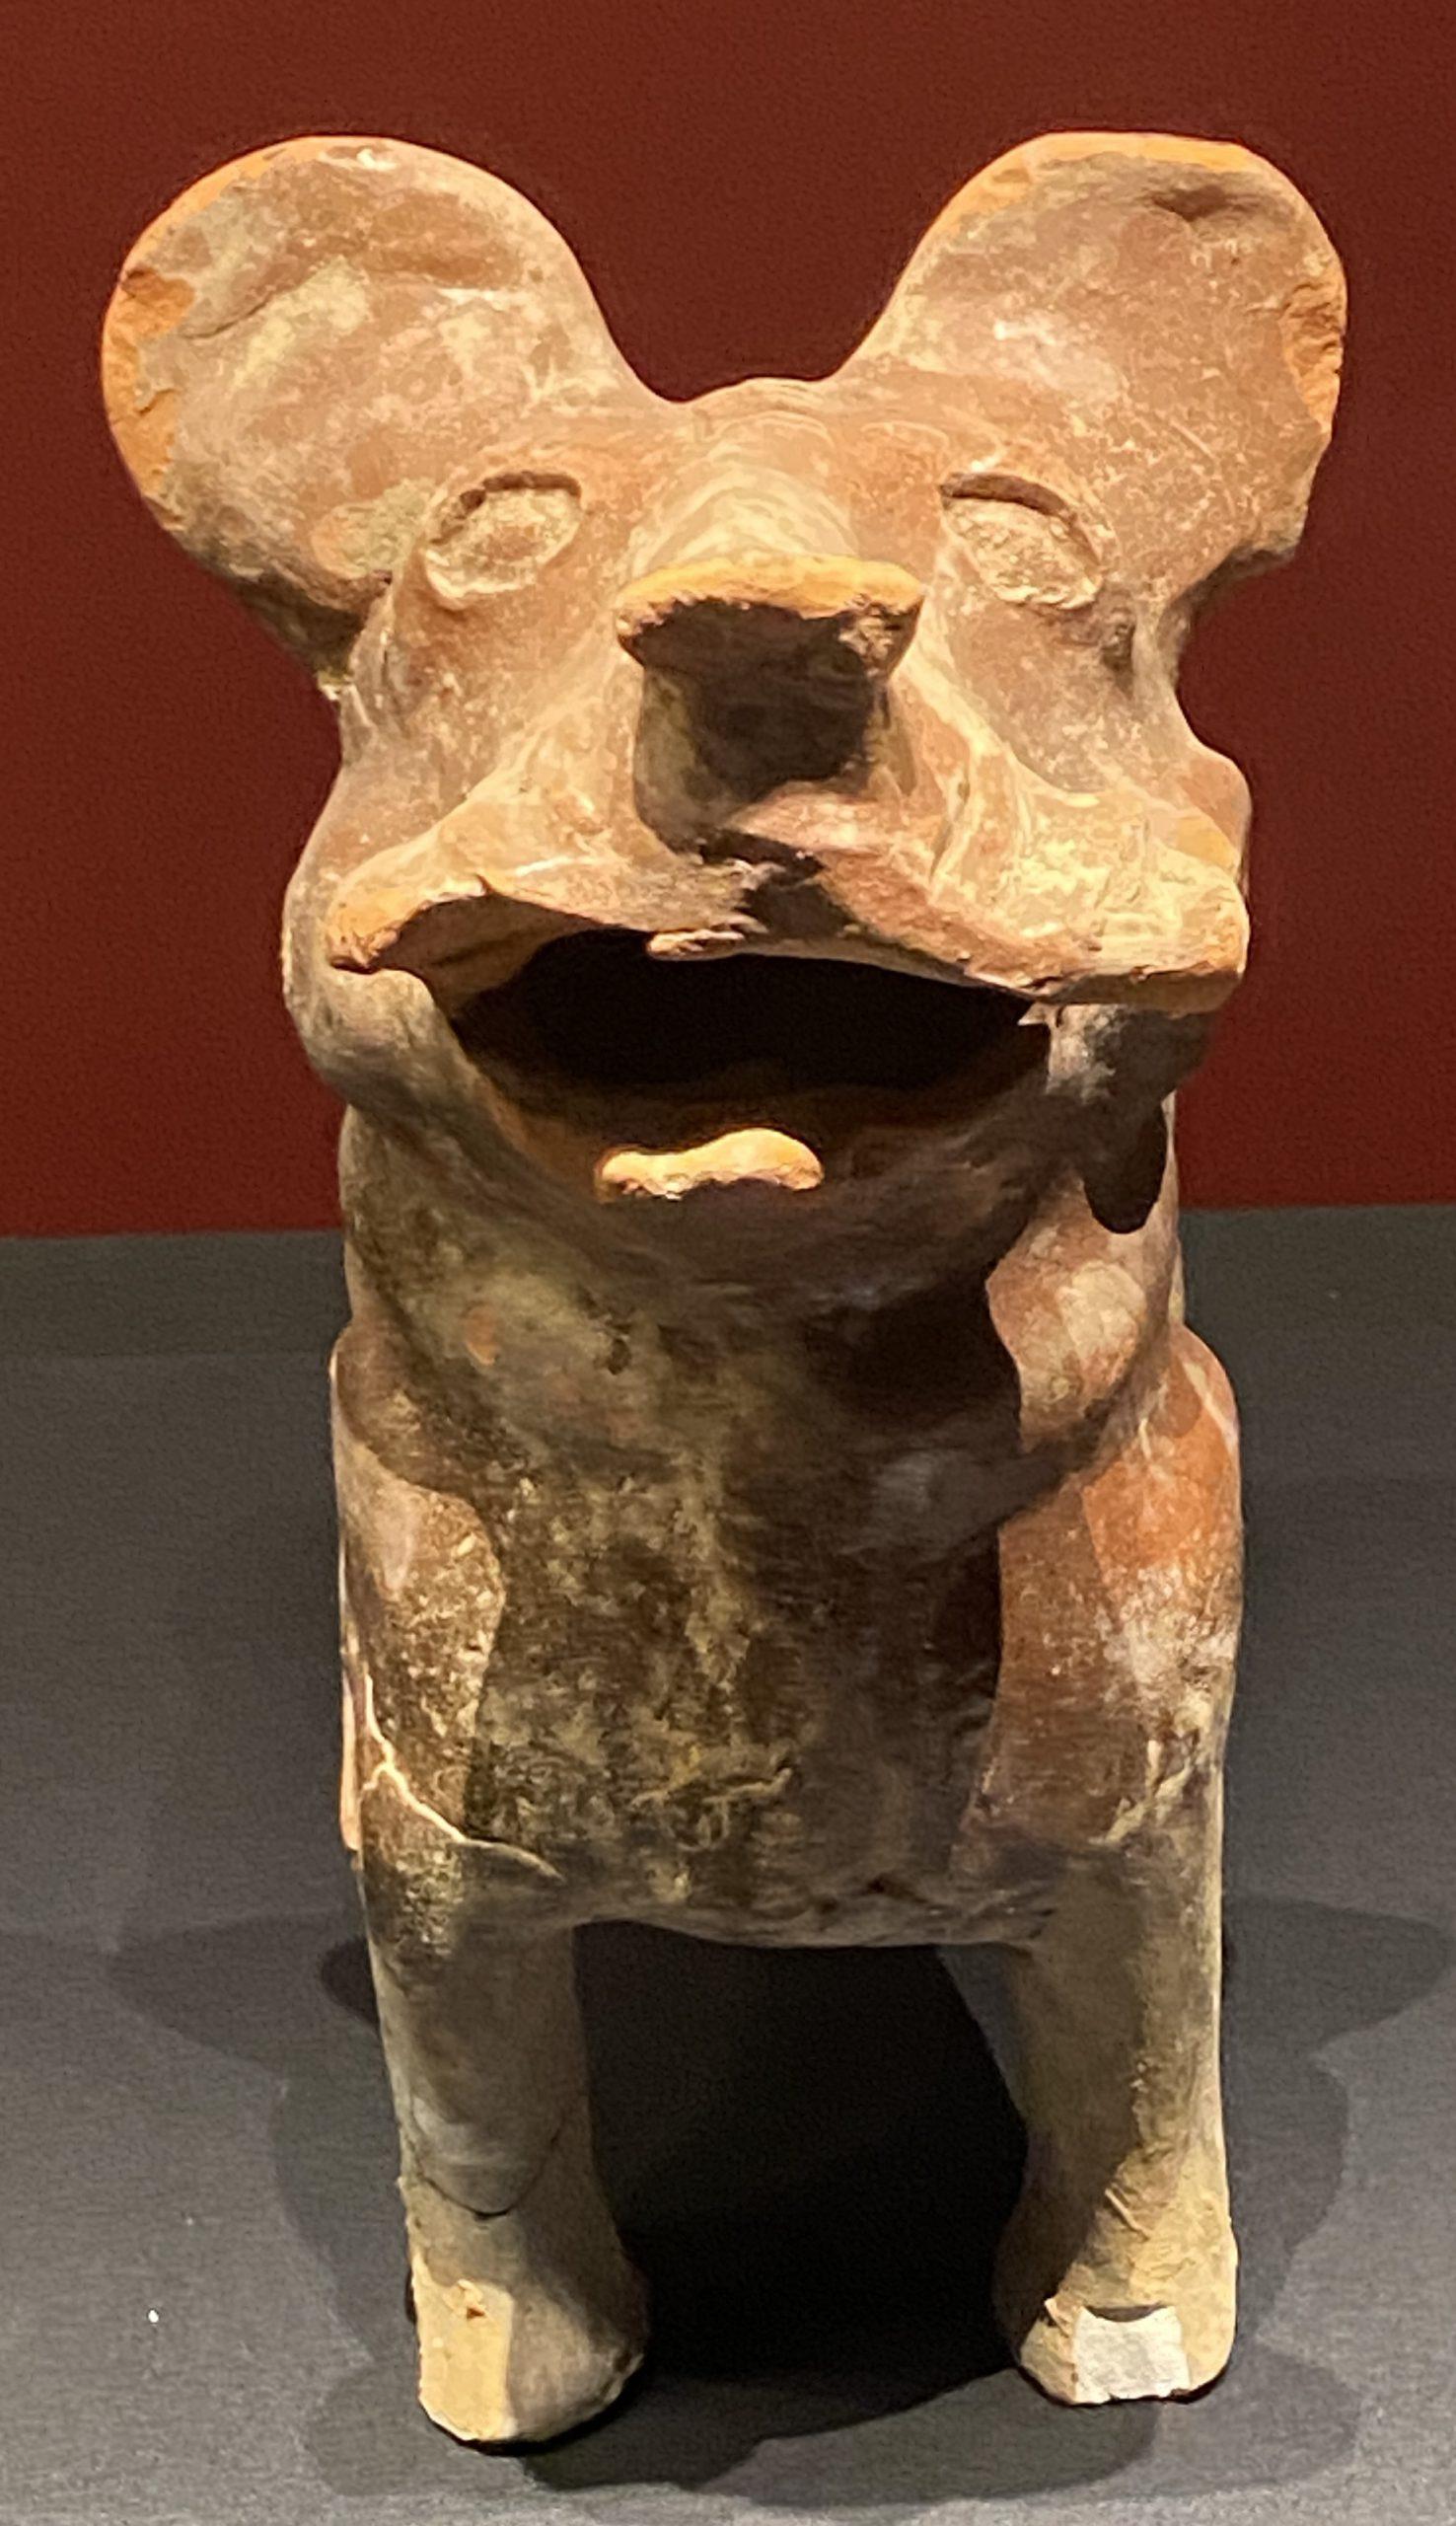 紅釉陶狗-【列備五都-秦漢時代の中国都市】-成都博物館-四川成都